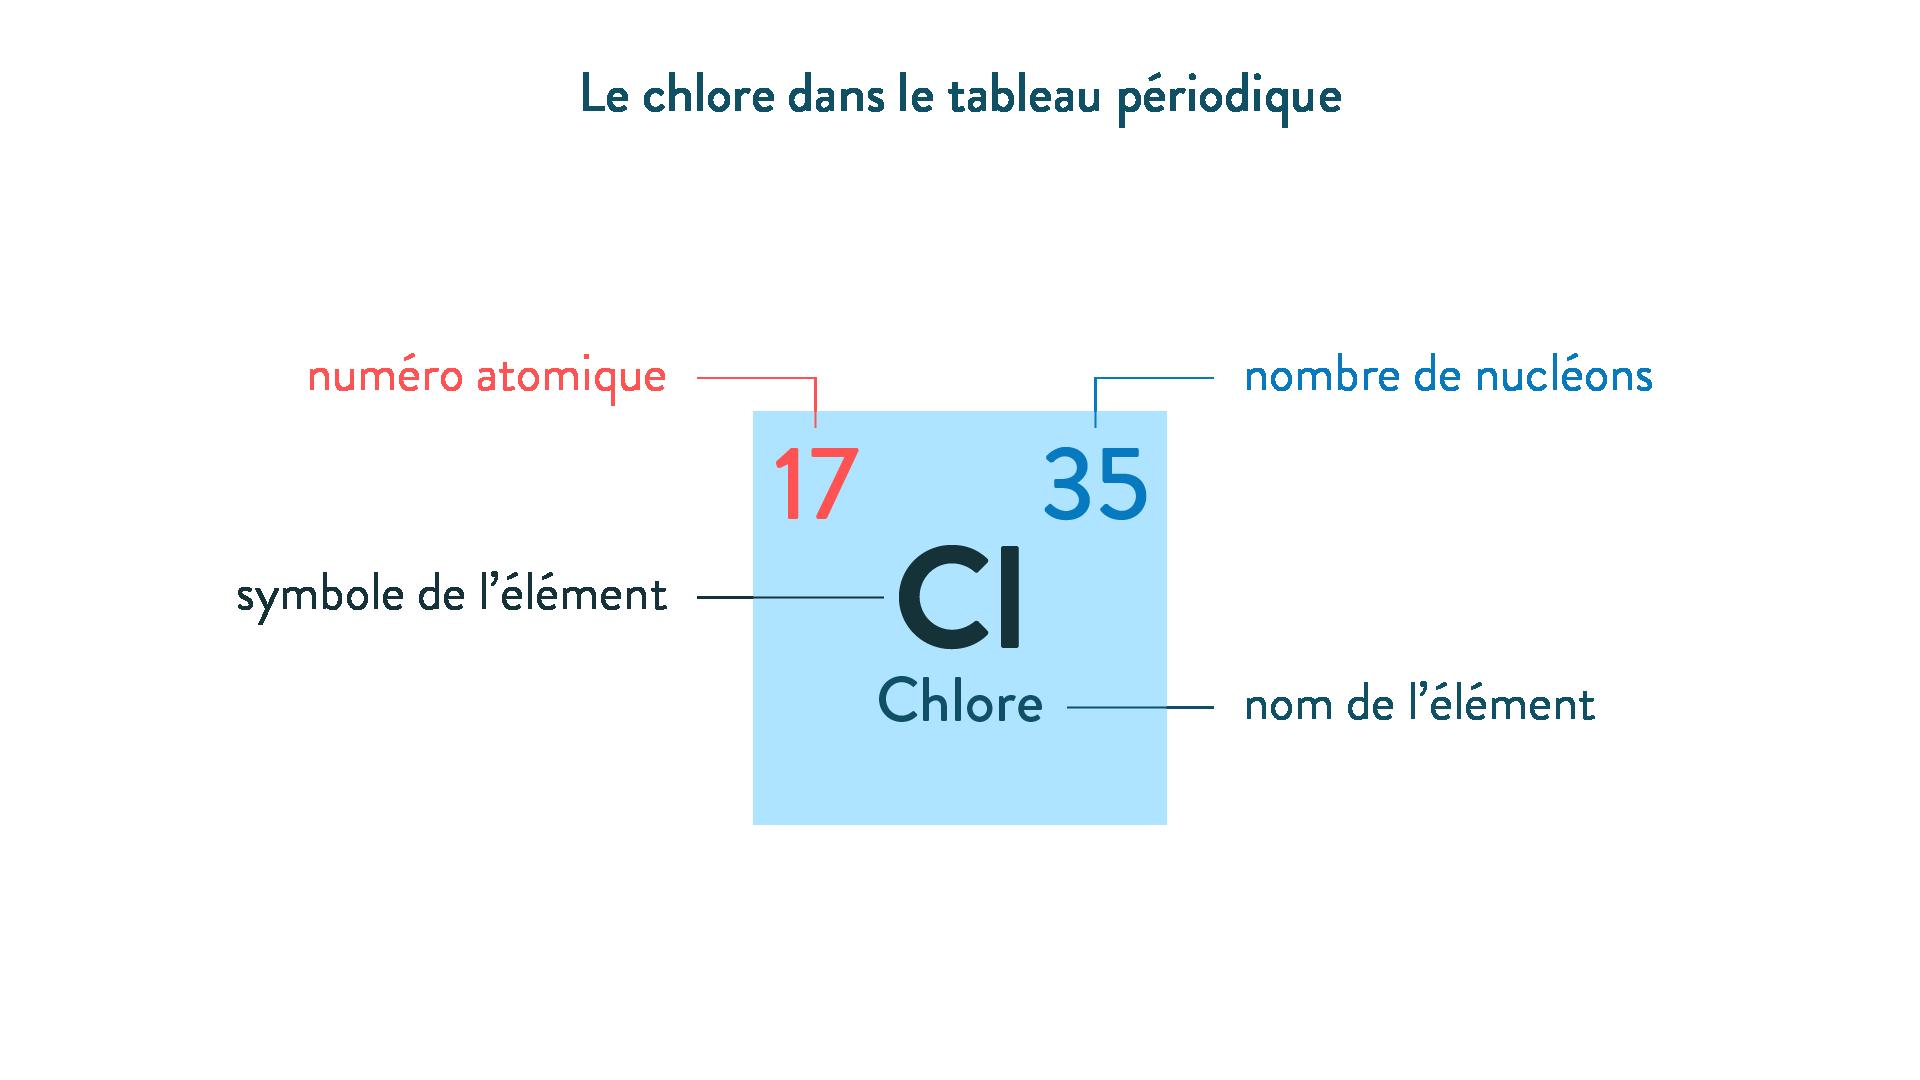 Le chlore dans le tableau périodique